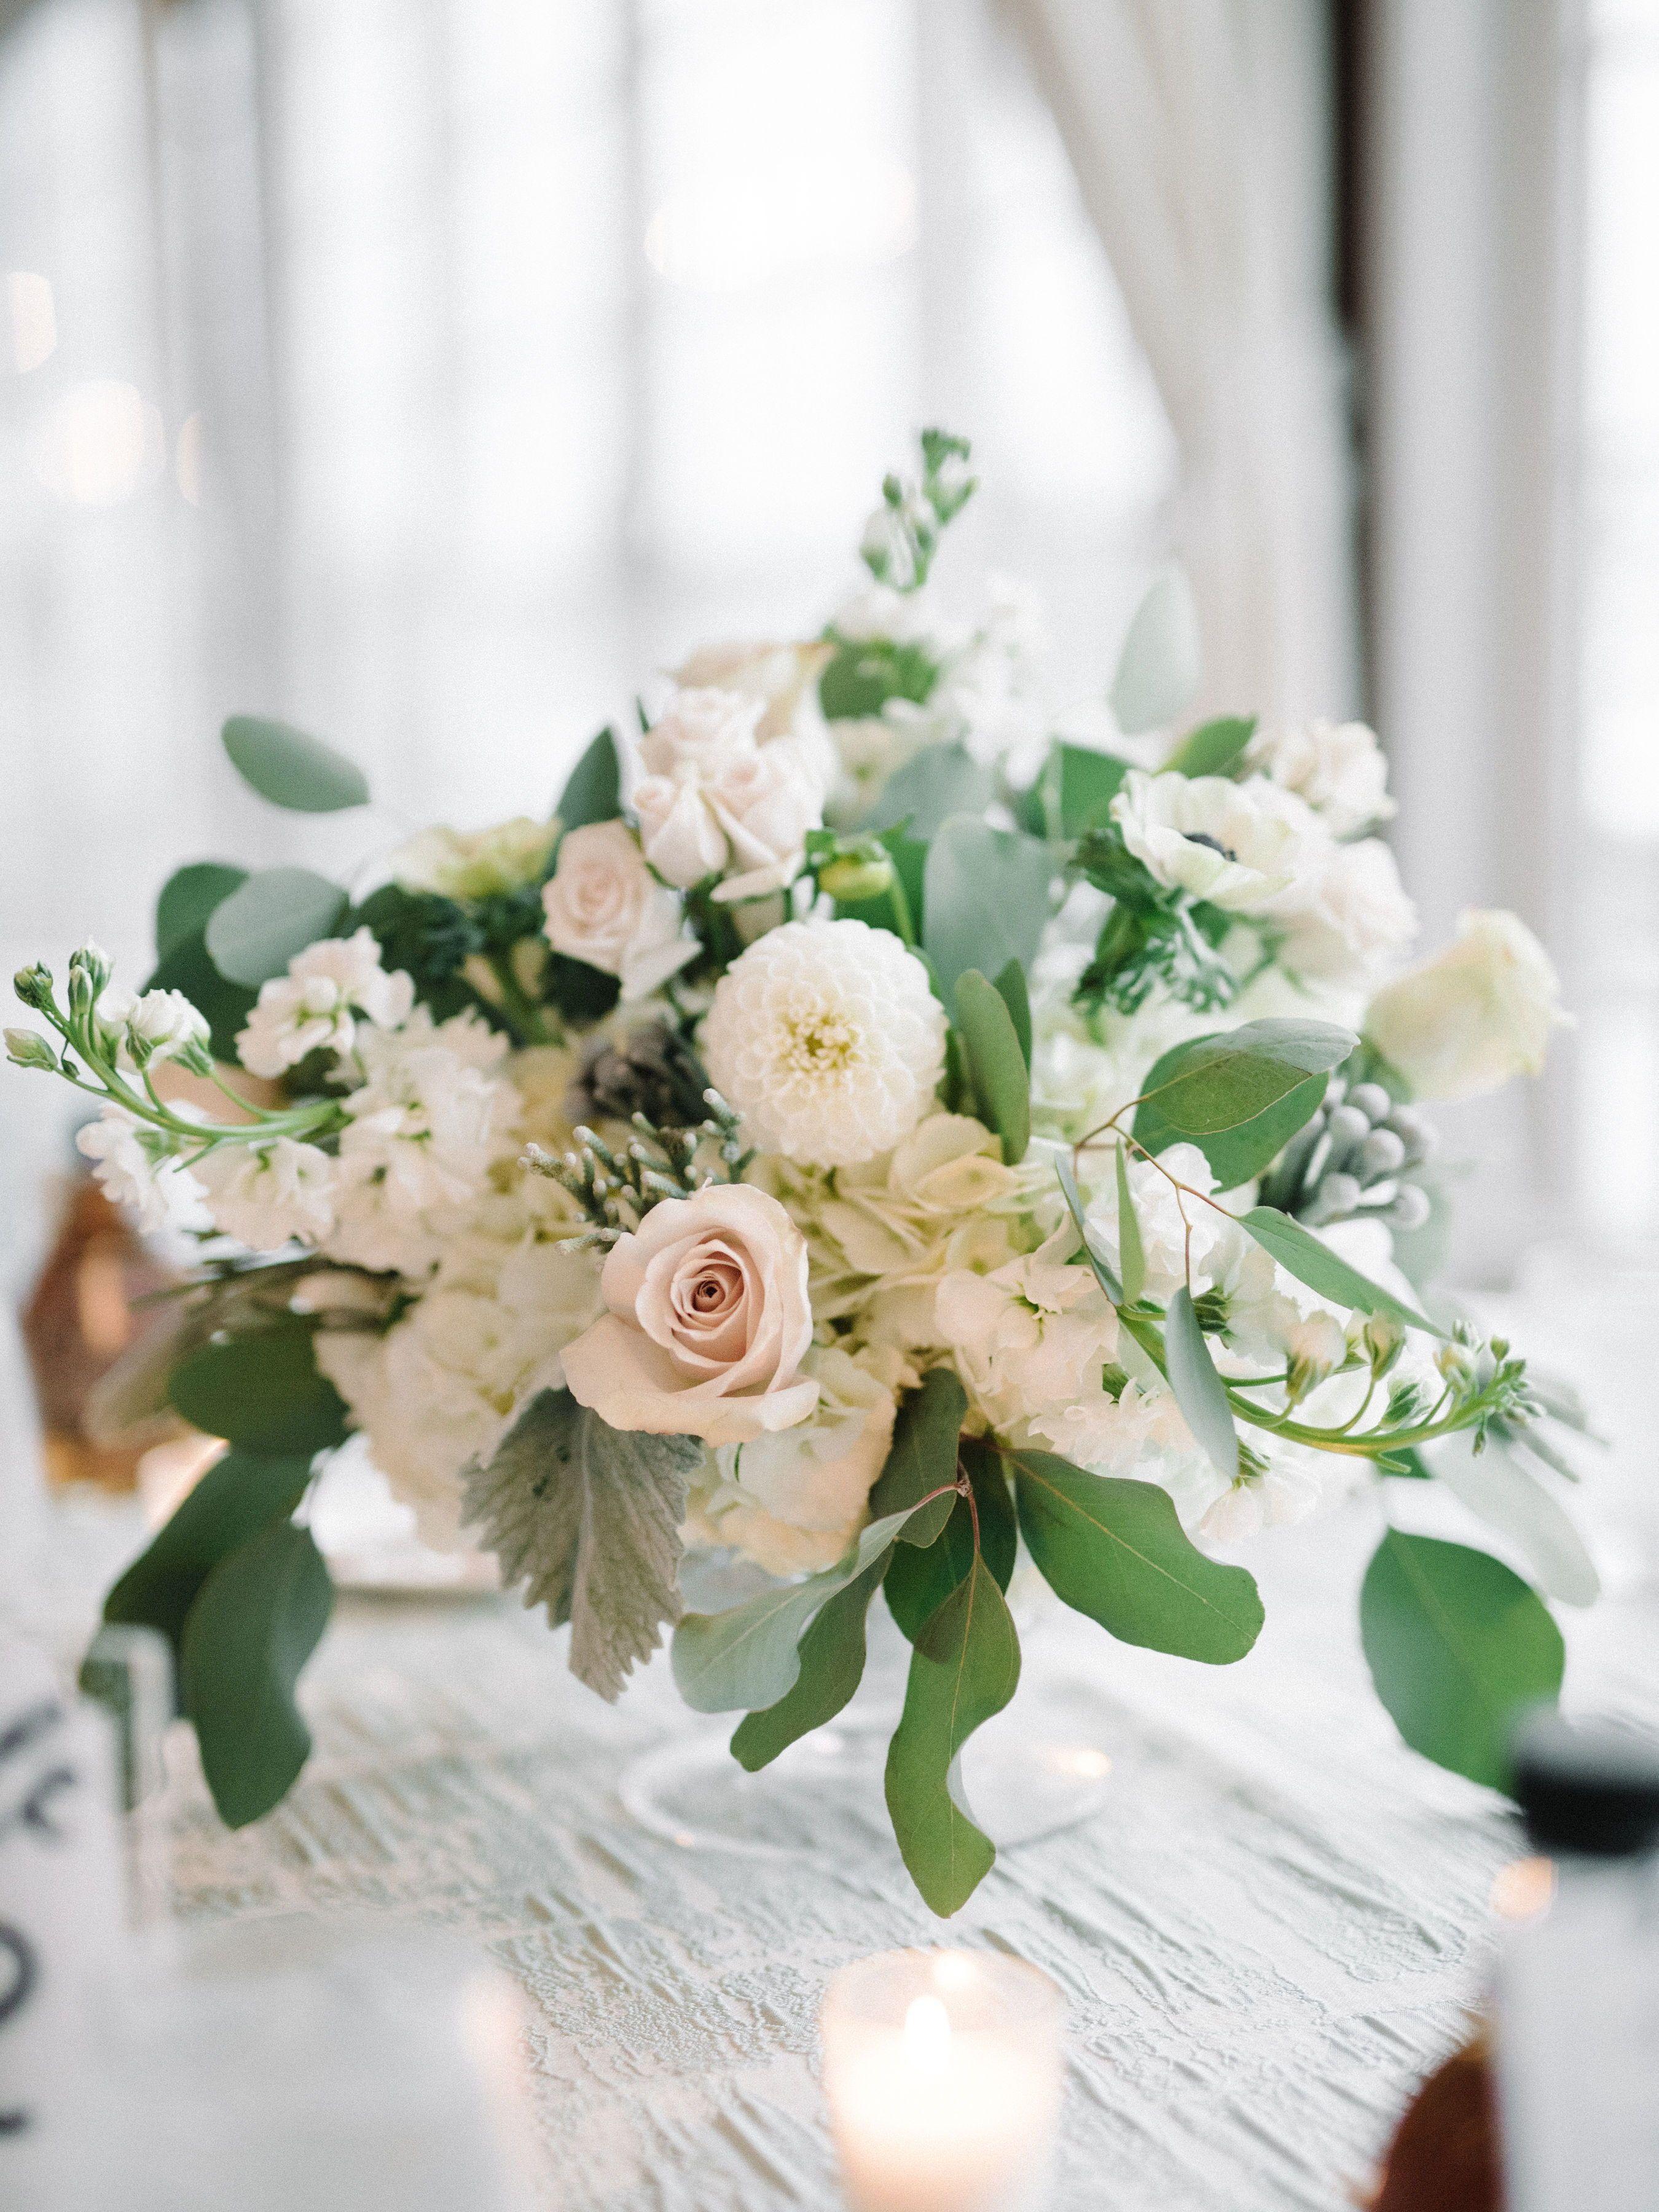 Multi White Flower Wedding Centerpiece Wedding Centerpieces